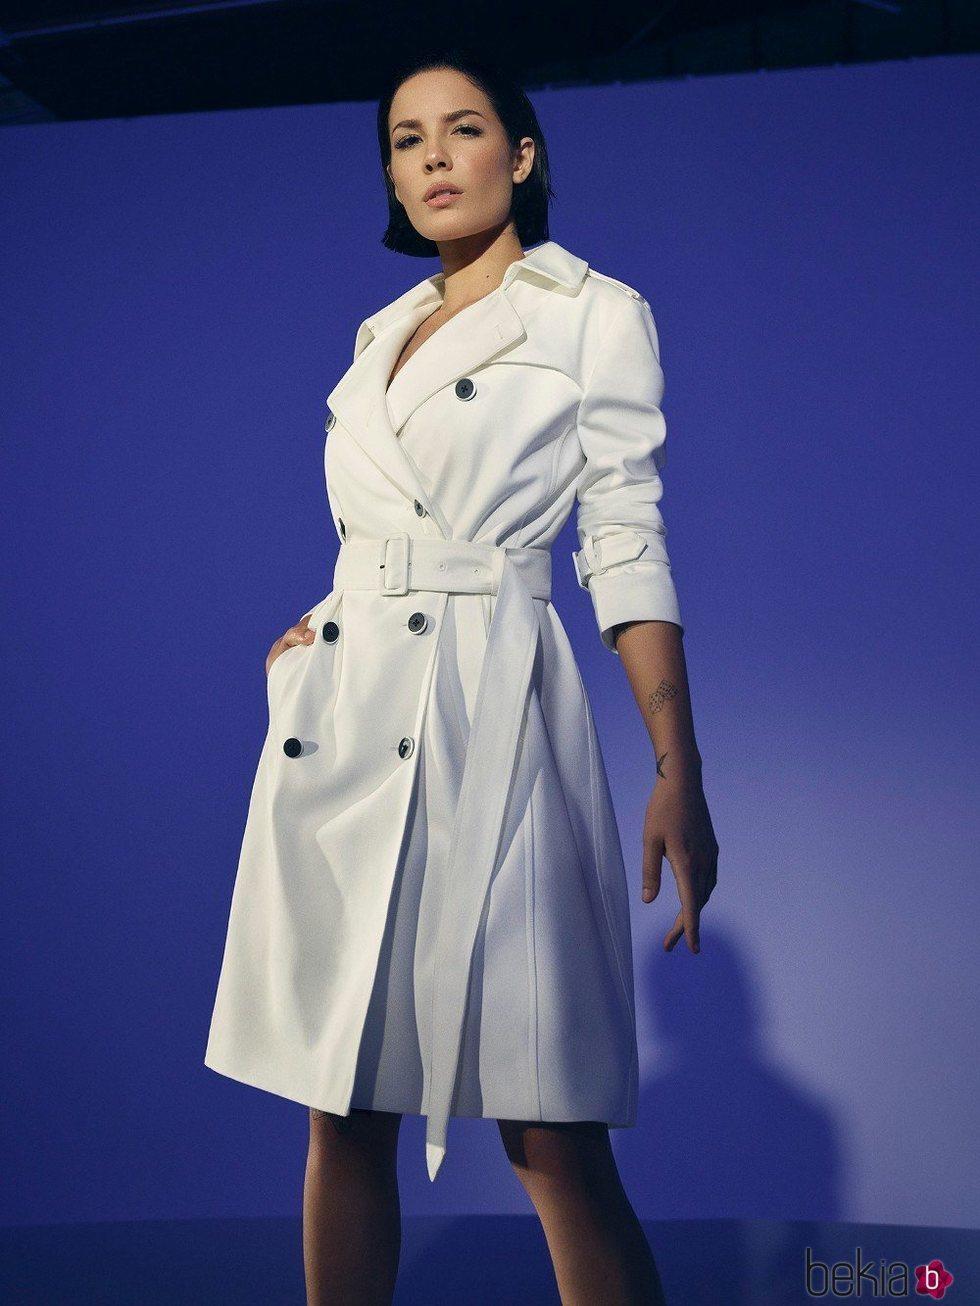 Gabardina blanca de la colección primavera 2020 de DKNY